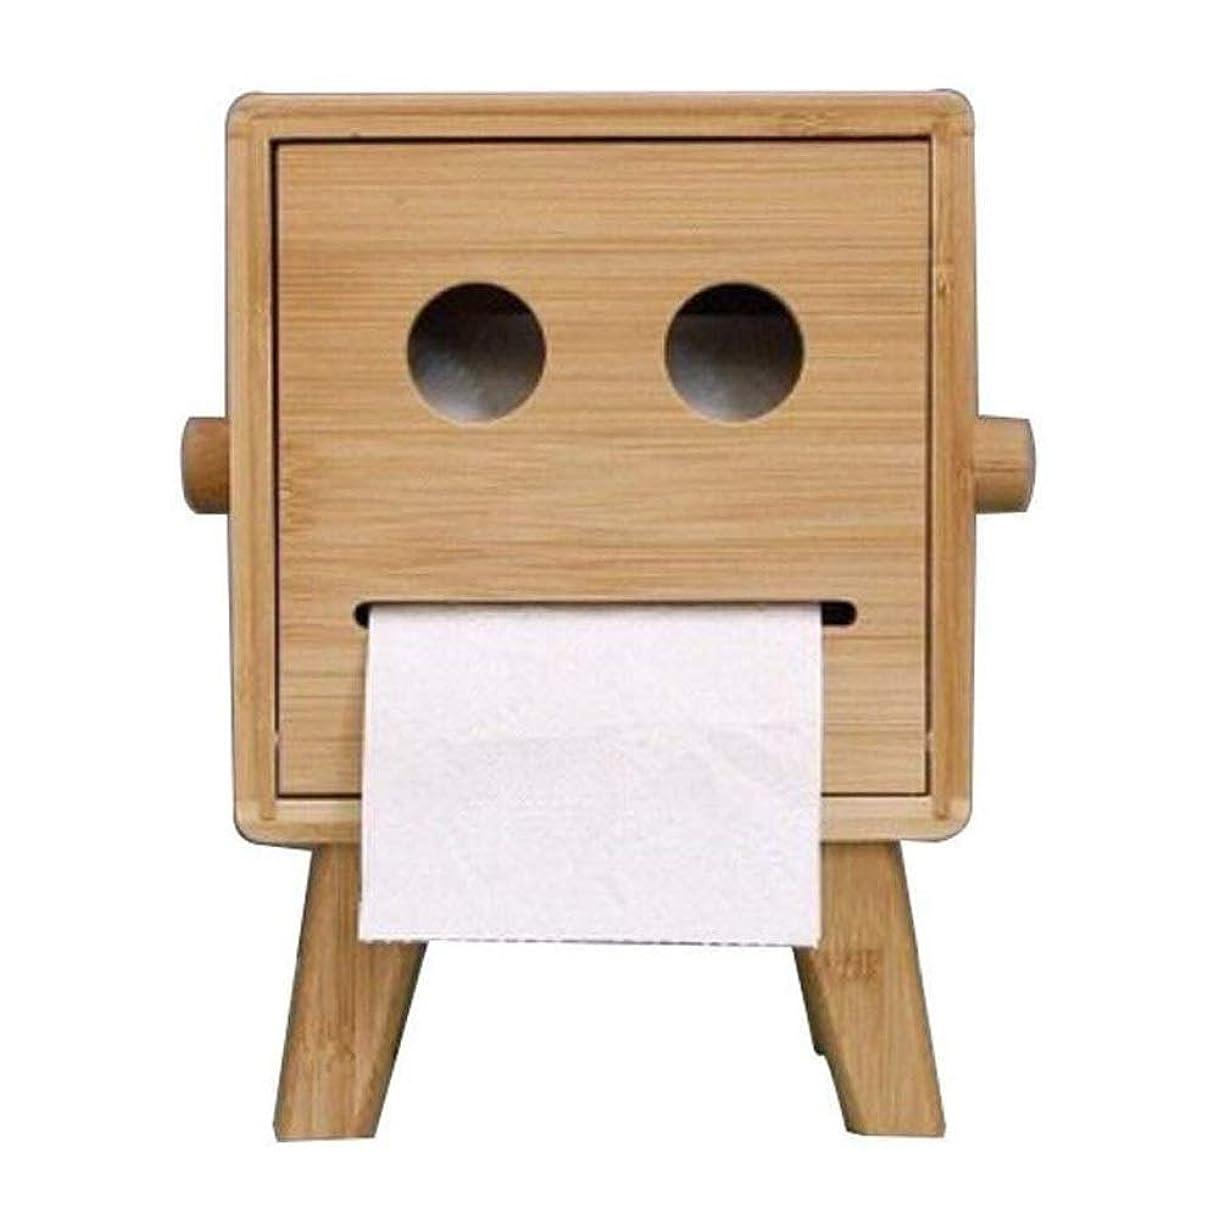 ドナウ川呪いリップJJLL トイレットペーパーホルダークリエイティブロボットスタイル竹バスルームのティッシュボックスカバー